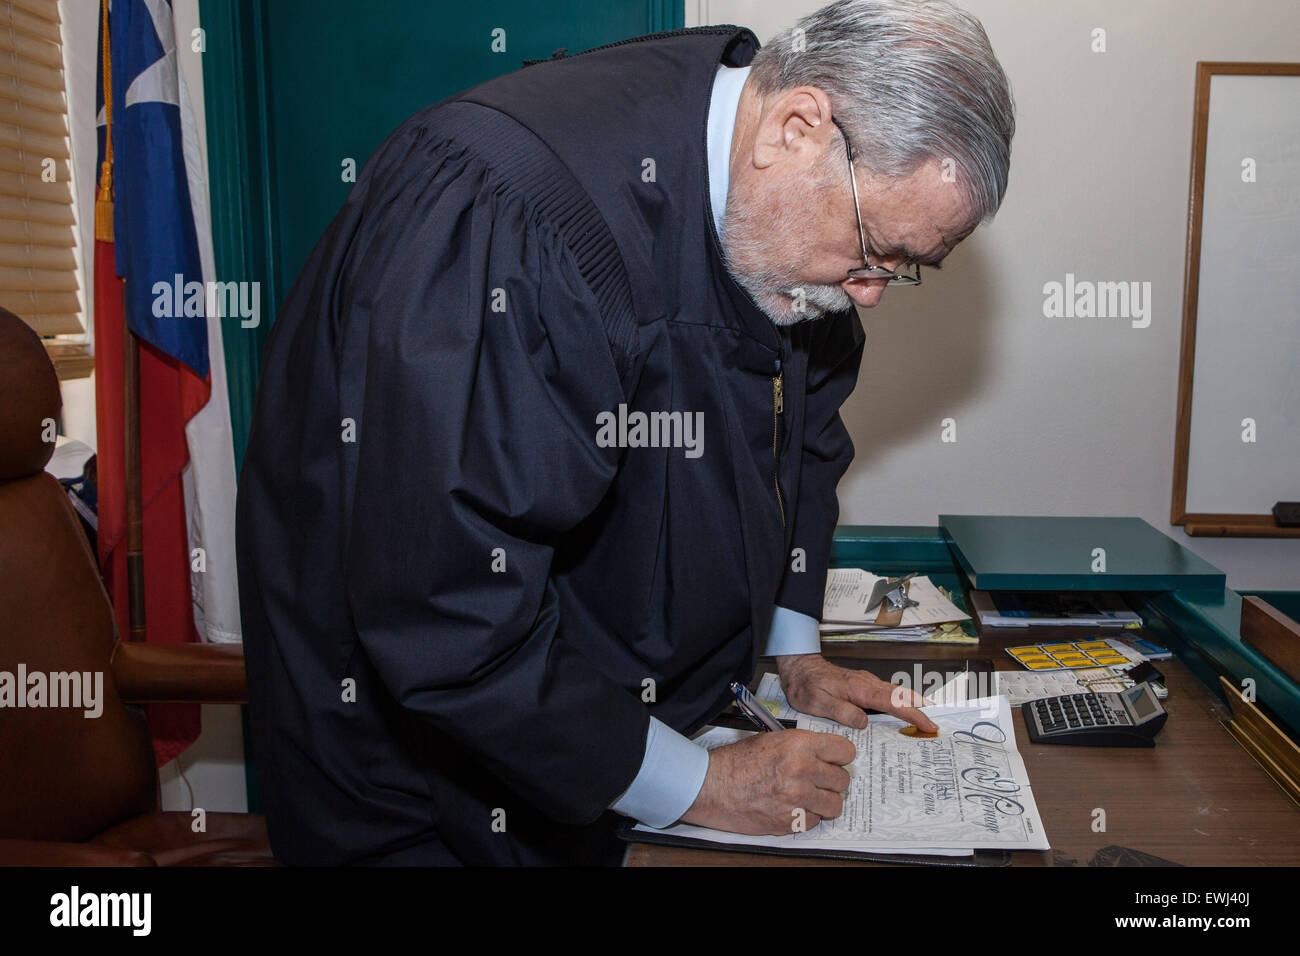 Austin, Texas, USA. 26. Juni 2015. Richters Herb Evans von Travis County, Texas unterschreibt die Heiratsurkunde Stockfoto